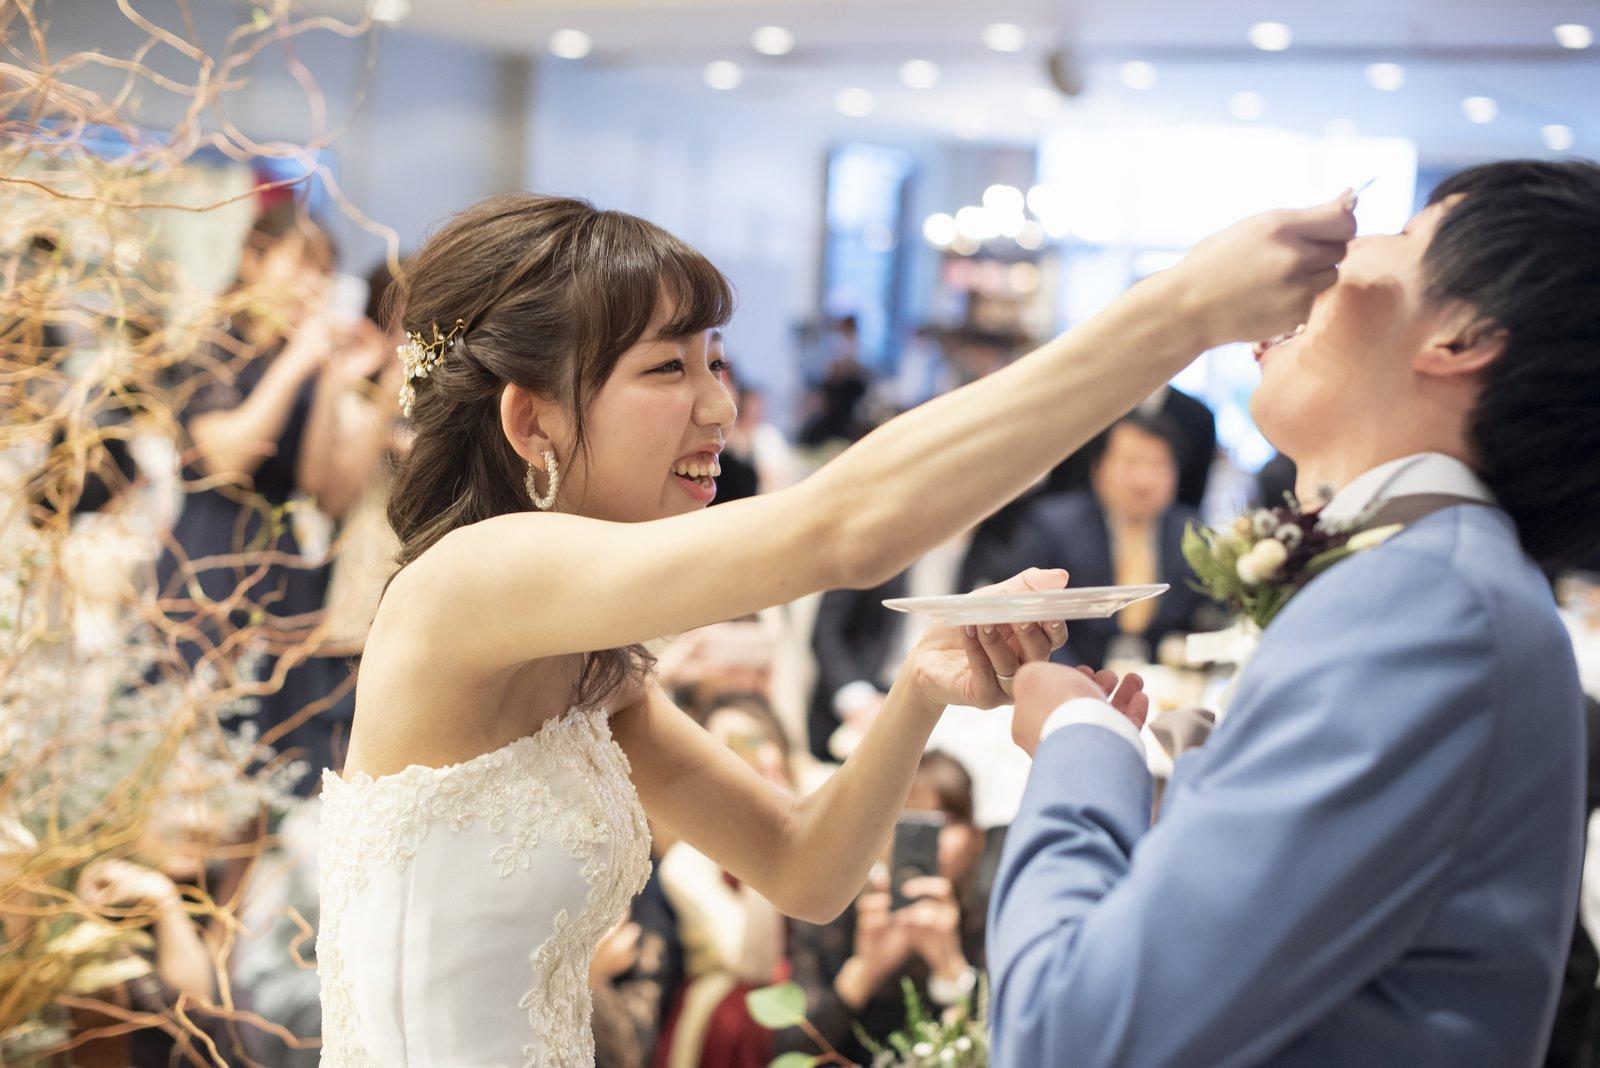 徳島市の結婚式場ブランアンジュでのファーストバイトは新郎様への愛情の表現